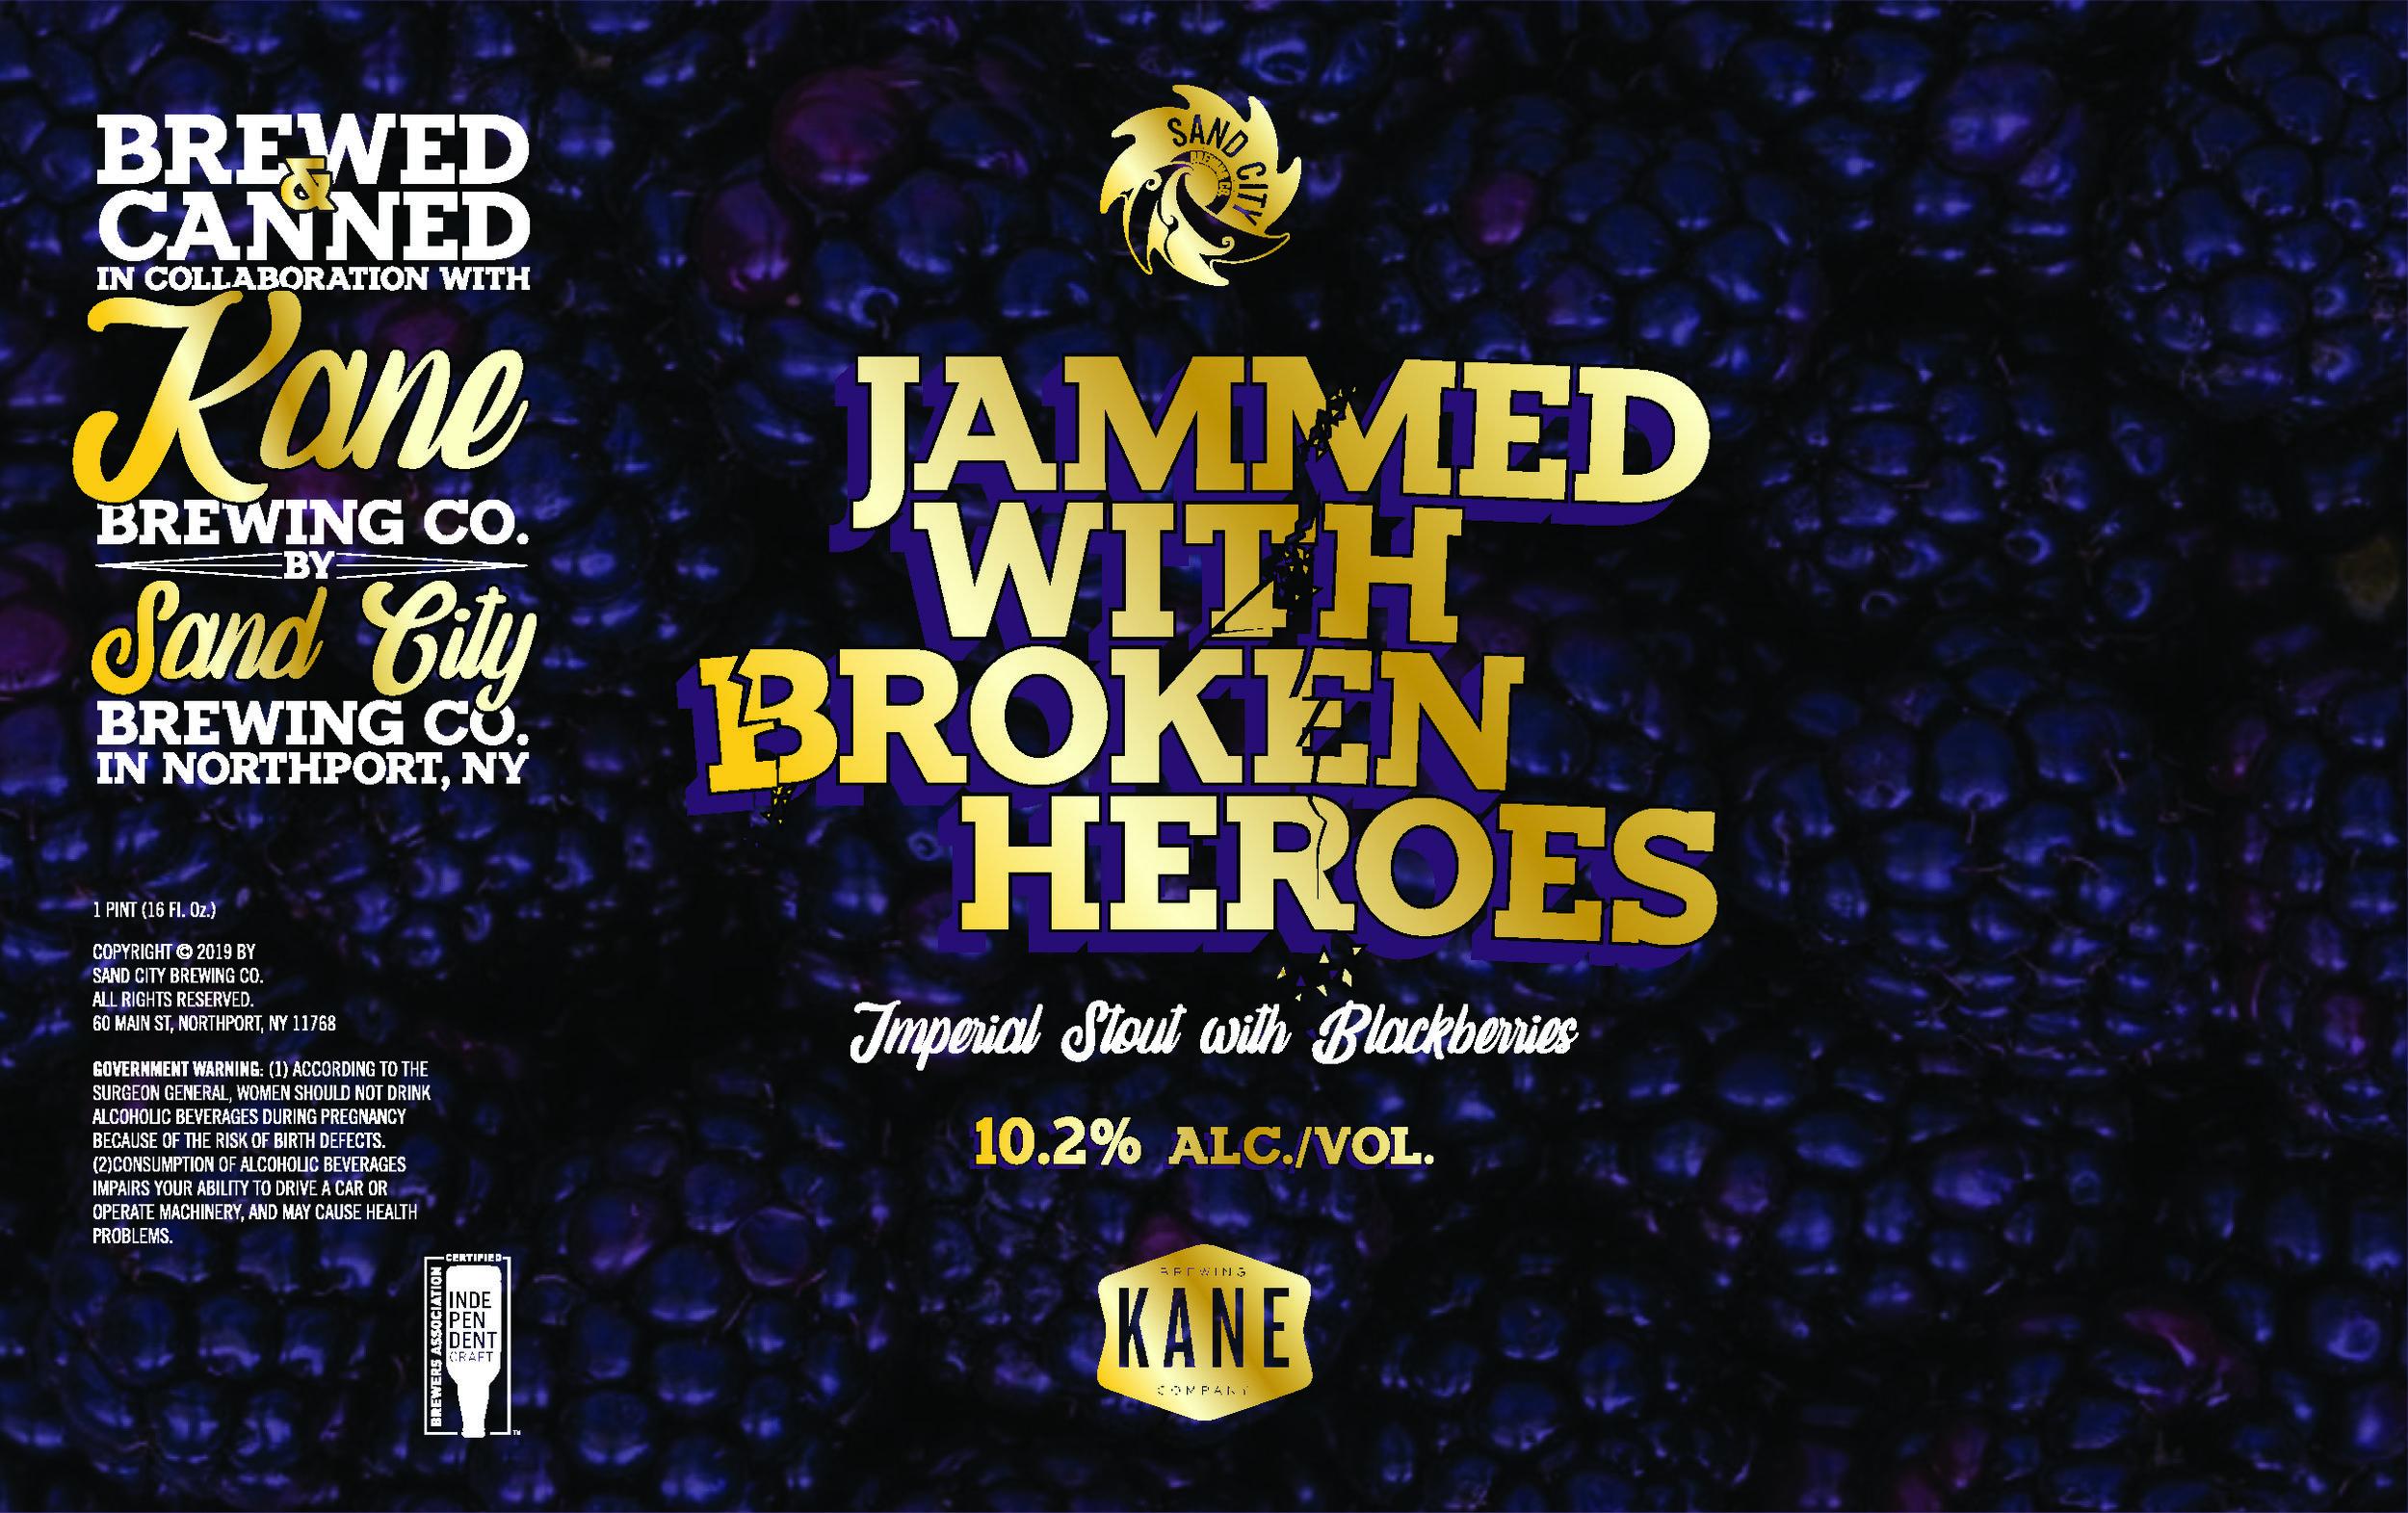 JAMMED WITH BROKEN HEROES